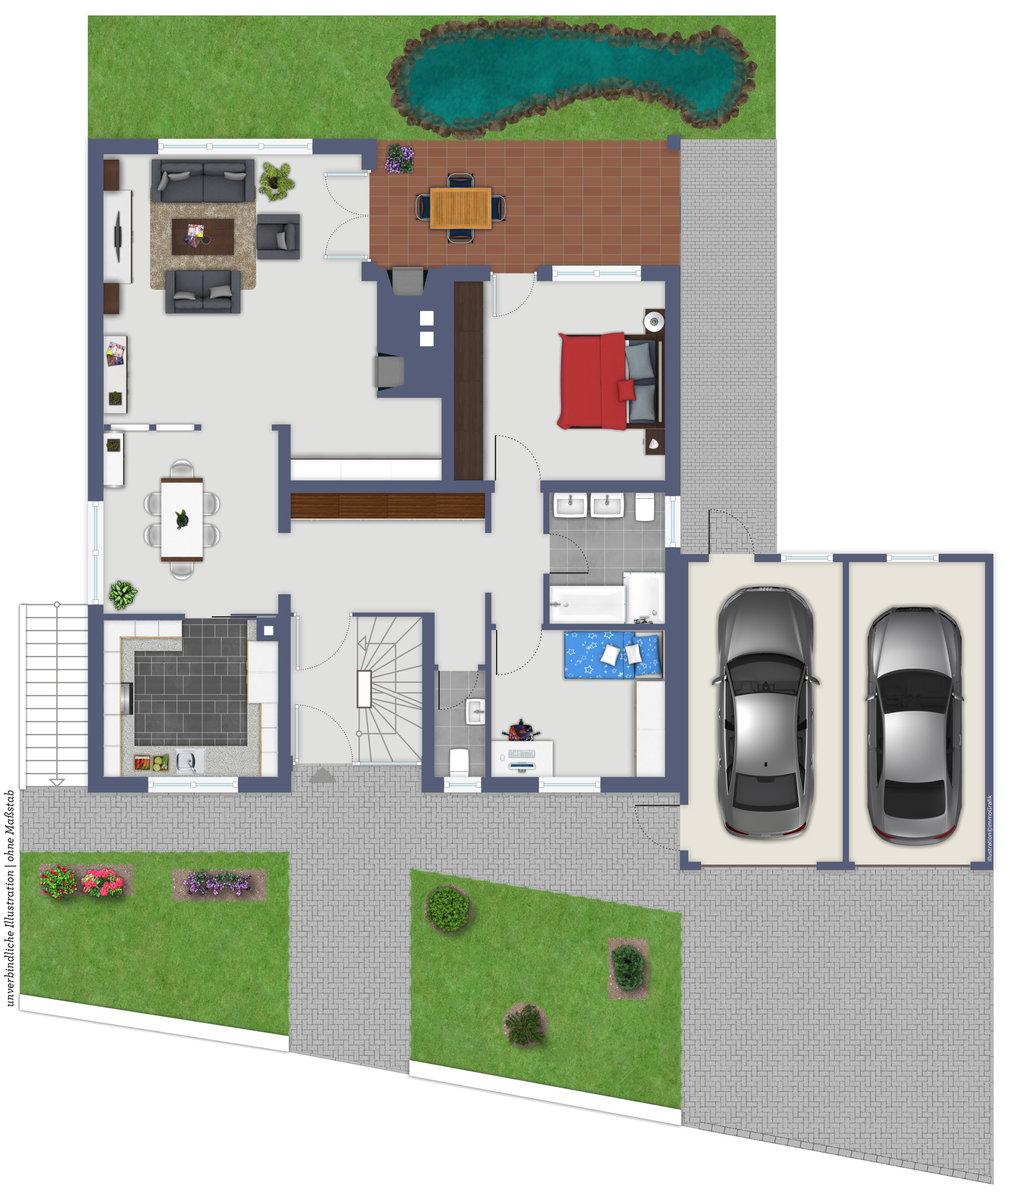 Einfamilienhaus Mit Fertigteilgarage Und Geräteschuppen In: Einfamilienhaus Mit Einliegerwohnung Und